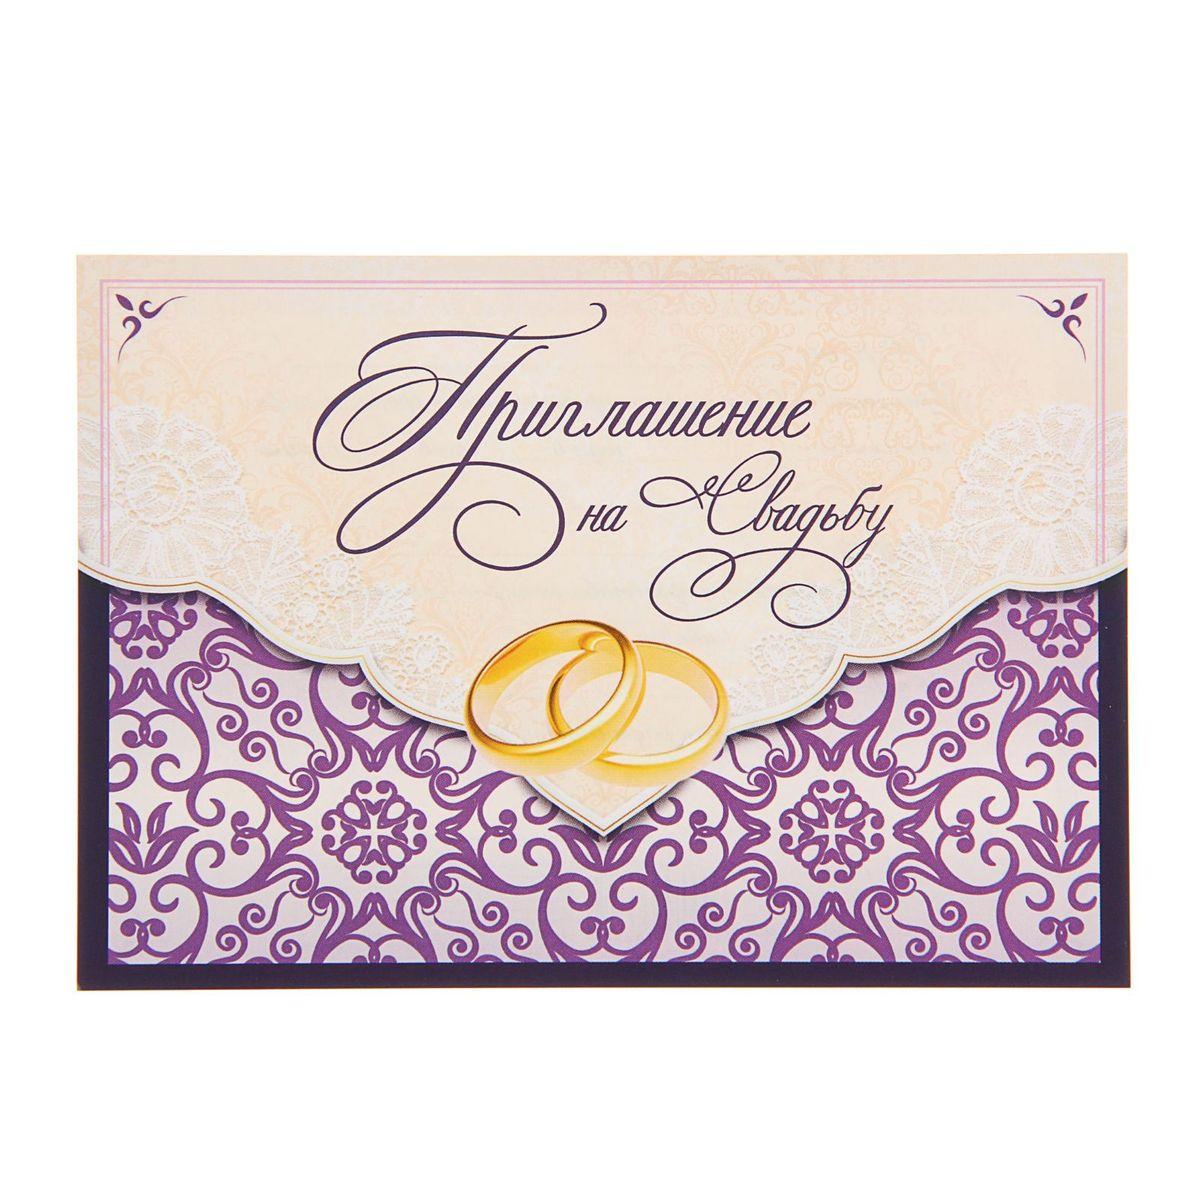 Приглашение на свадьбу Sima-land Пурпурная свадьба, 10,5 х 15 см1338637Свадьба - одно из главных событий в жизни каждого человека. Для идеального торжества необходимо продумать каждую мелочь. Родным и близким будет приятно получить индивидуальную красивую открытку с эксклюзивным дизайном.